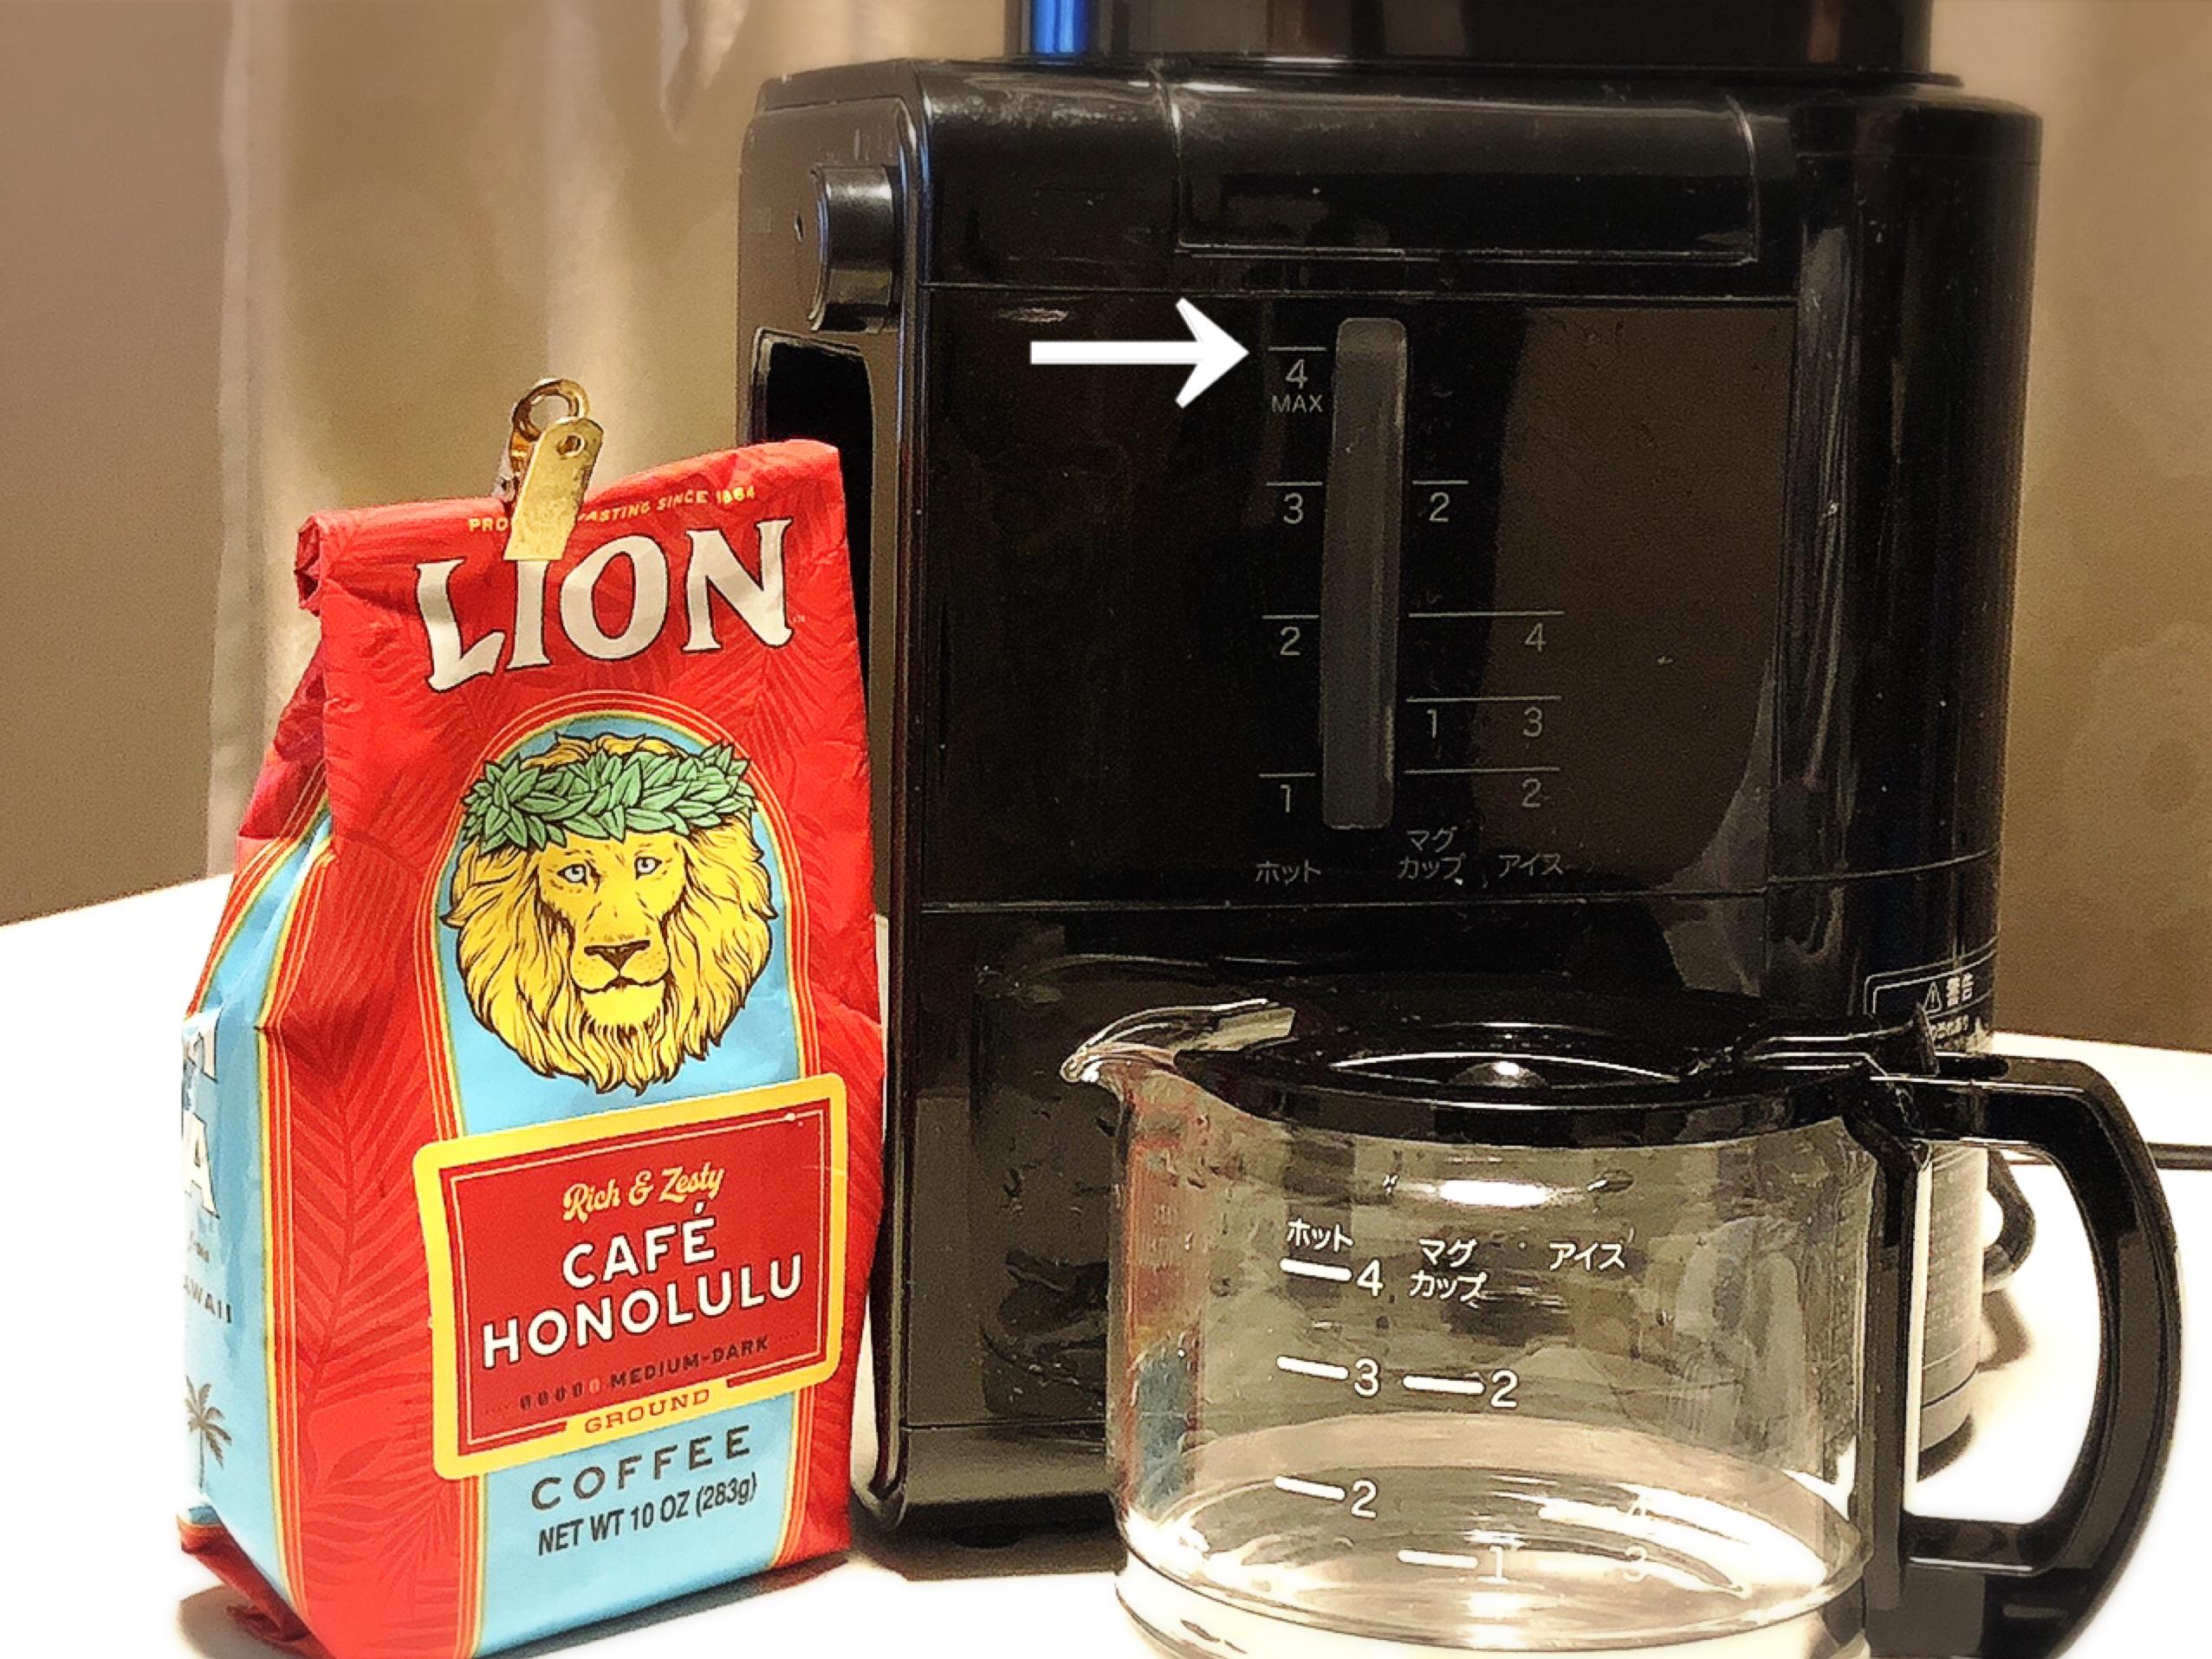 【#キッチン家電】おうちカフェ コンパクトで可愛いのに超優秀☕︎豆から挽ける簡単3ステップコーヒーメーカー♩_2